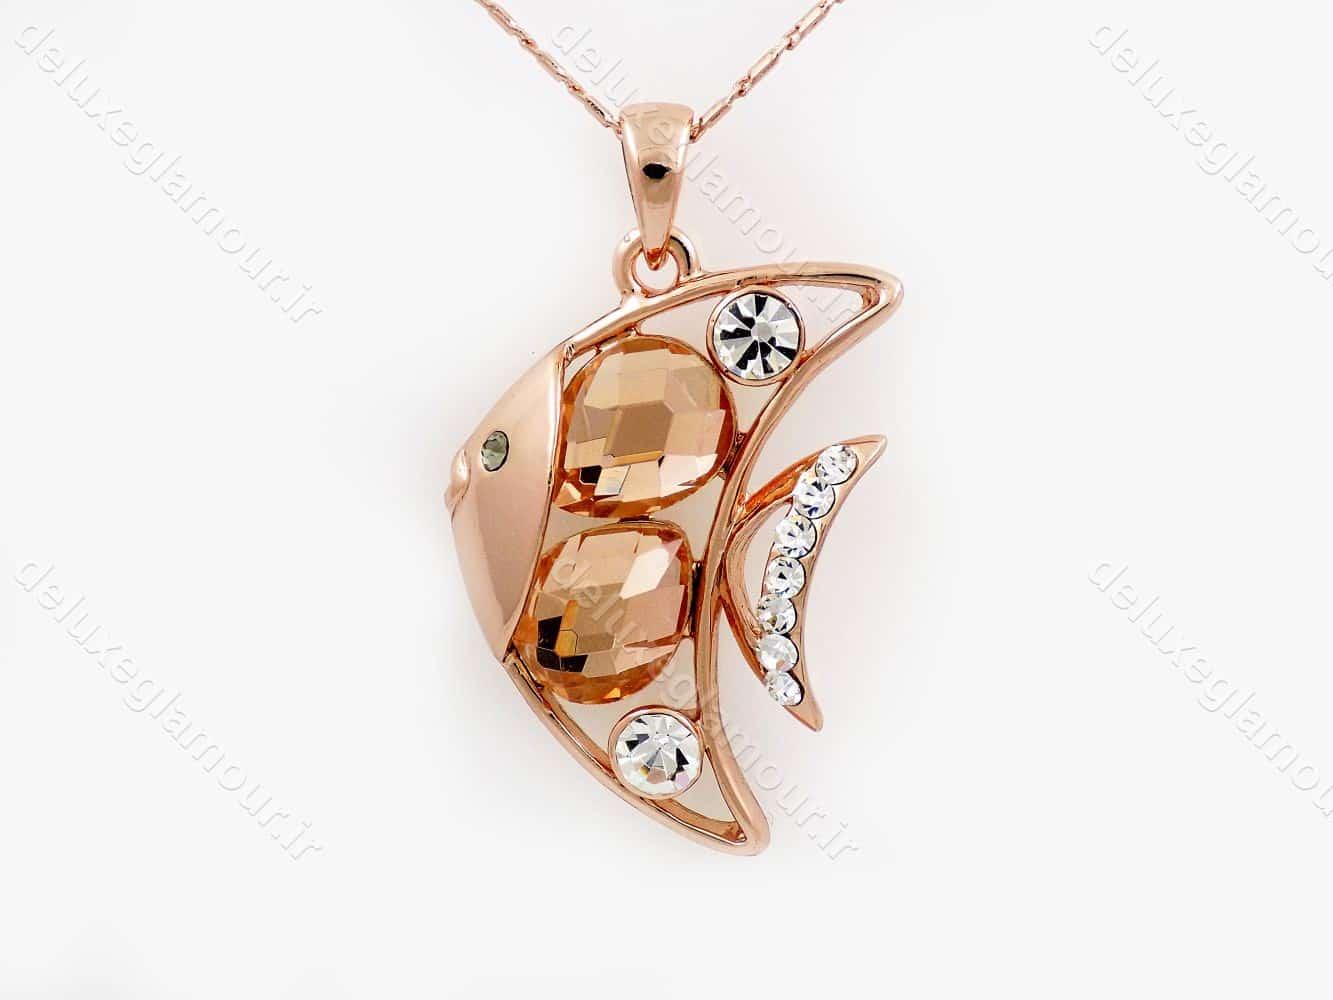 گردنبند دخترانه جواهری طرح ماهی و نگین های شامپاینی سواروسکی nw-n144 از نمای روبرو